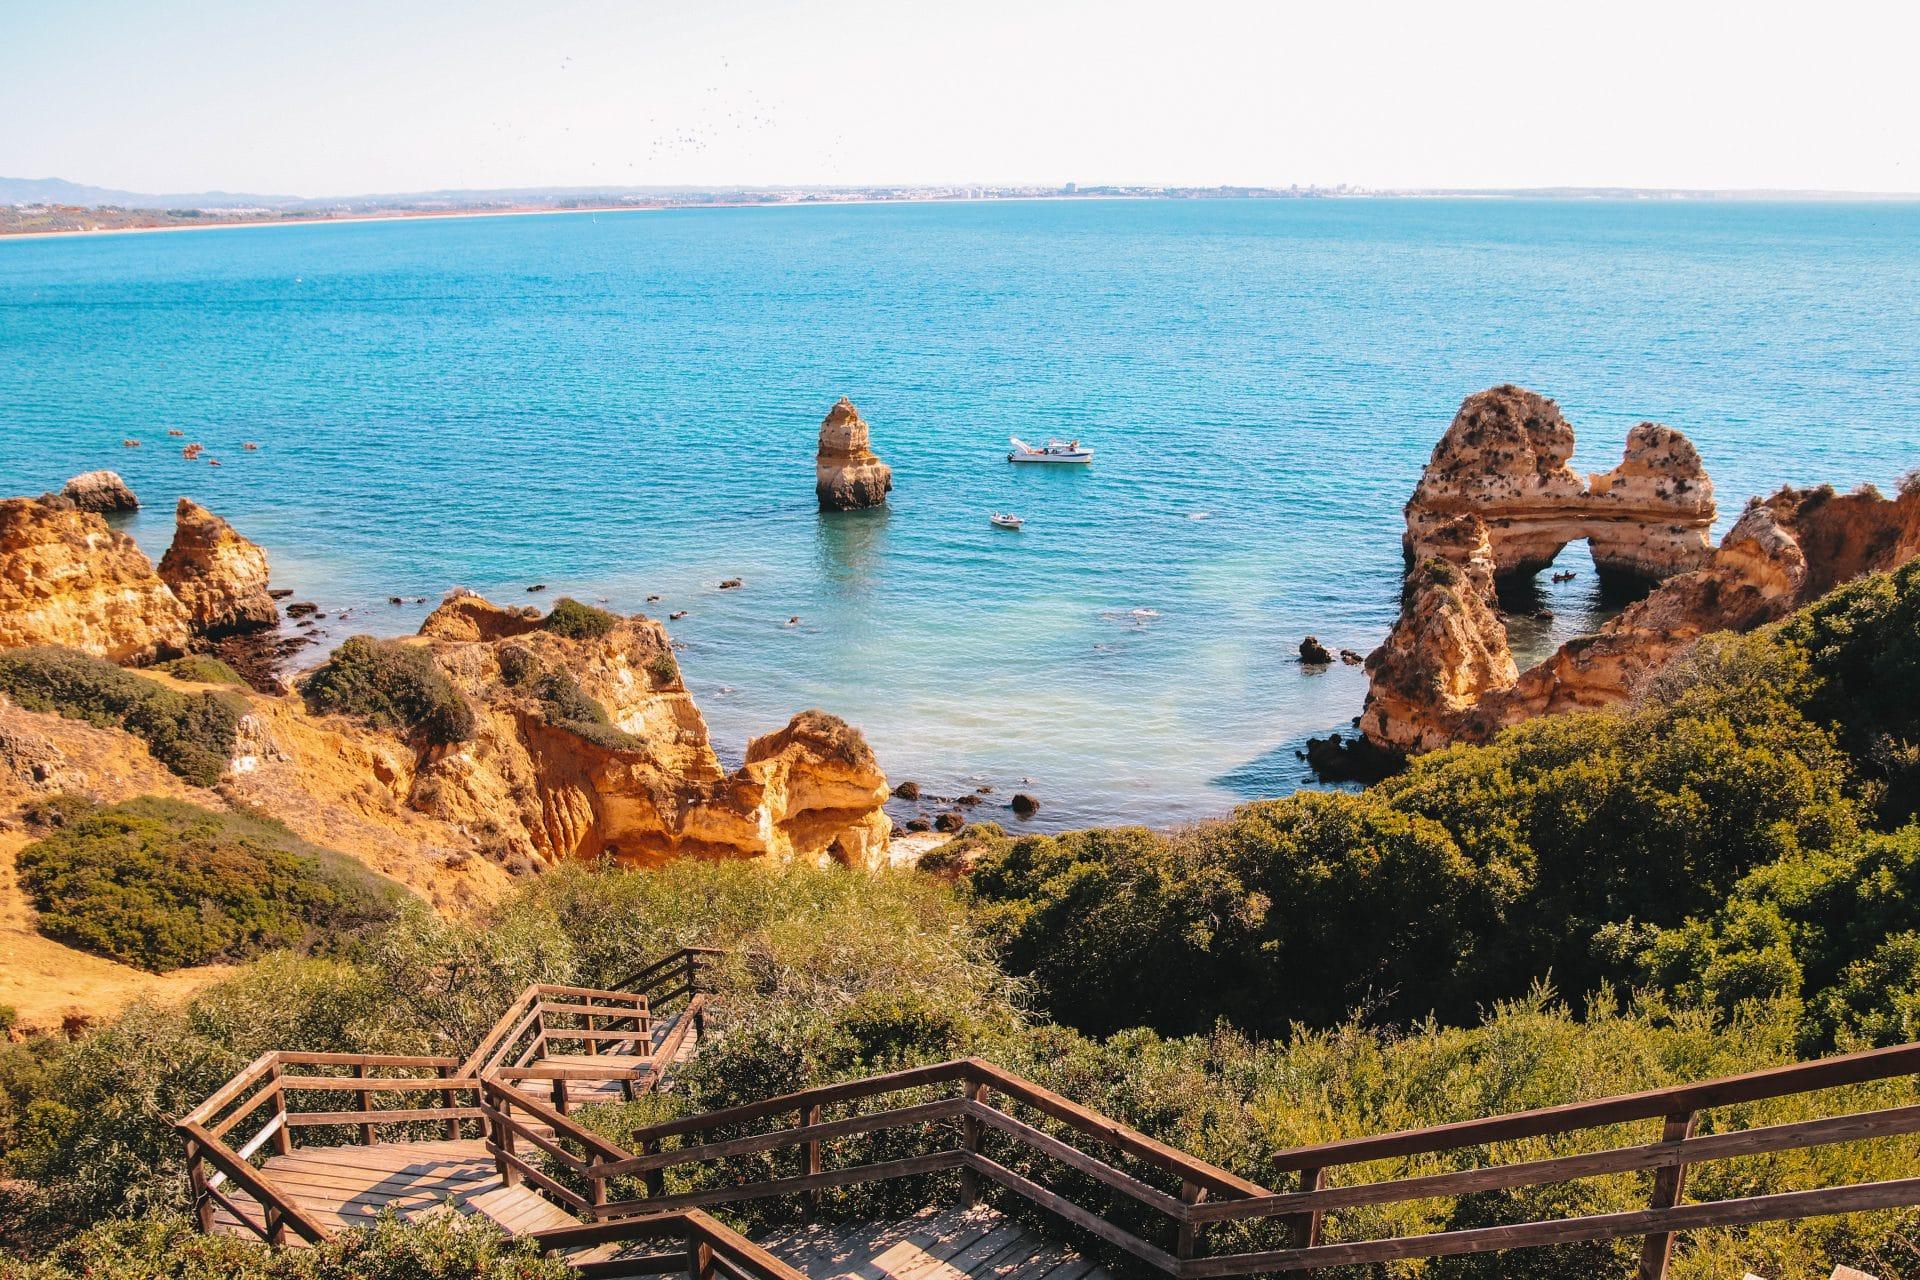 Praia do Camilo Lagos